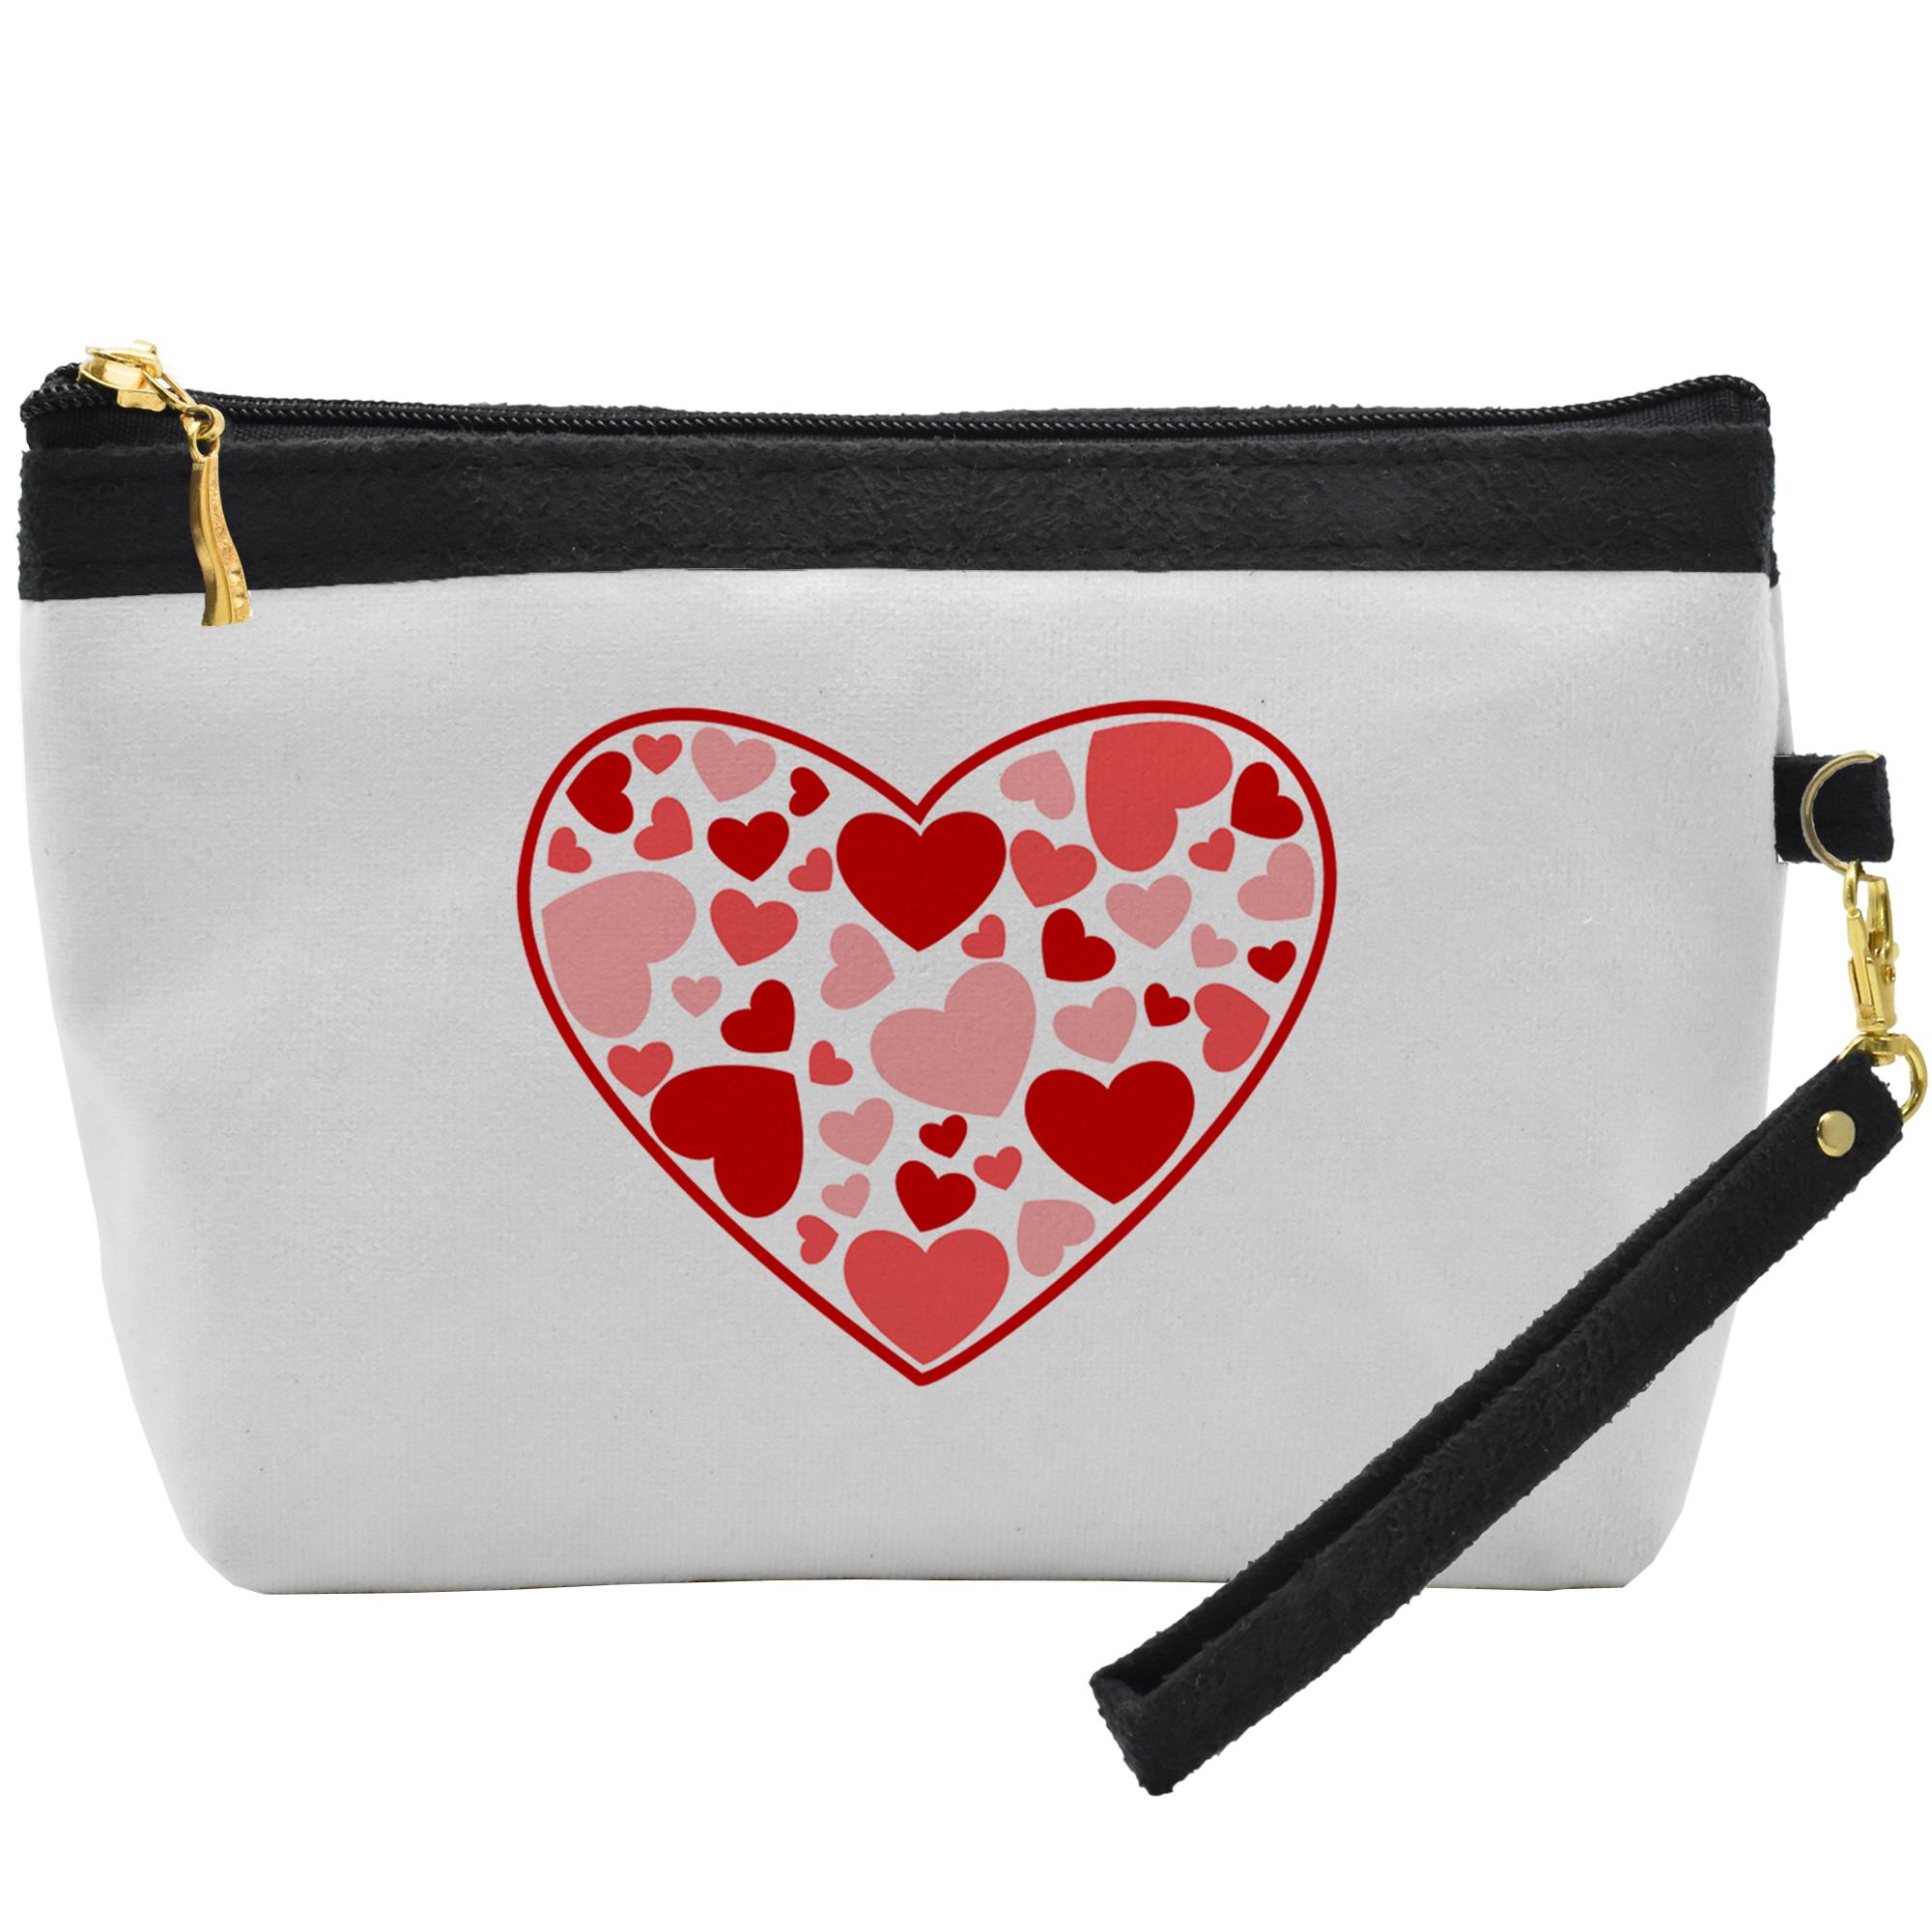 کیف لوازم آرایشی طرح قلب کد C29